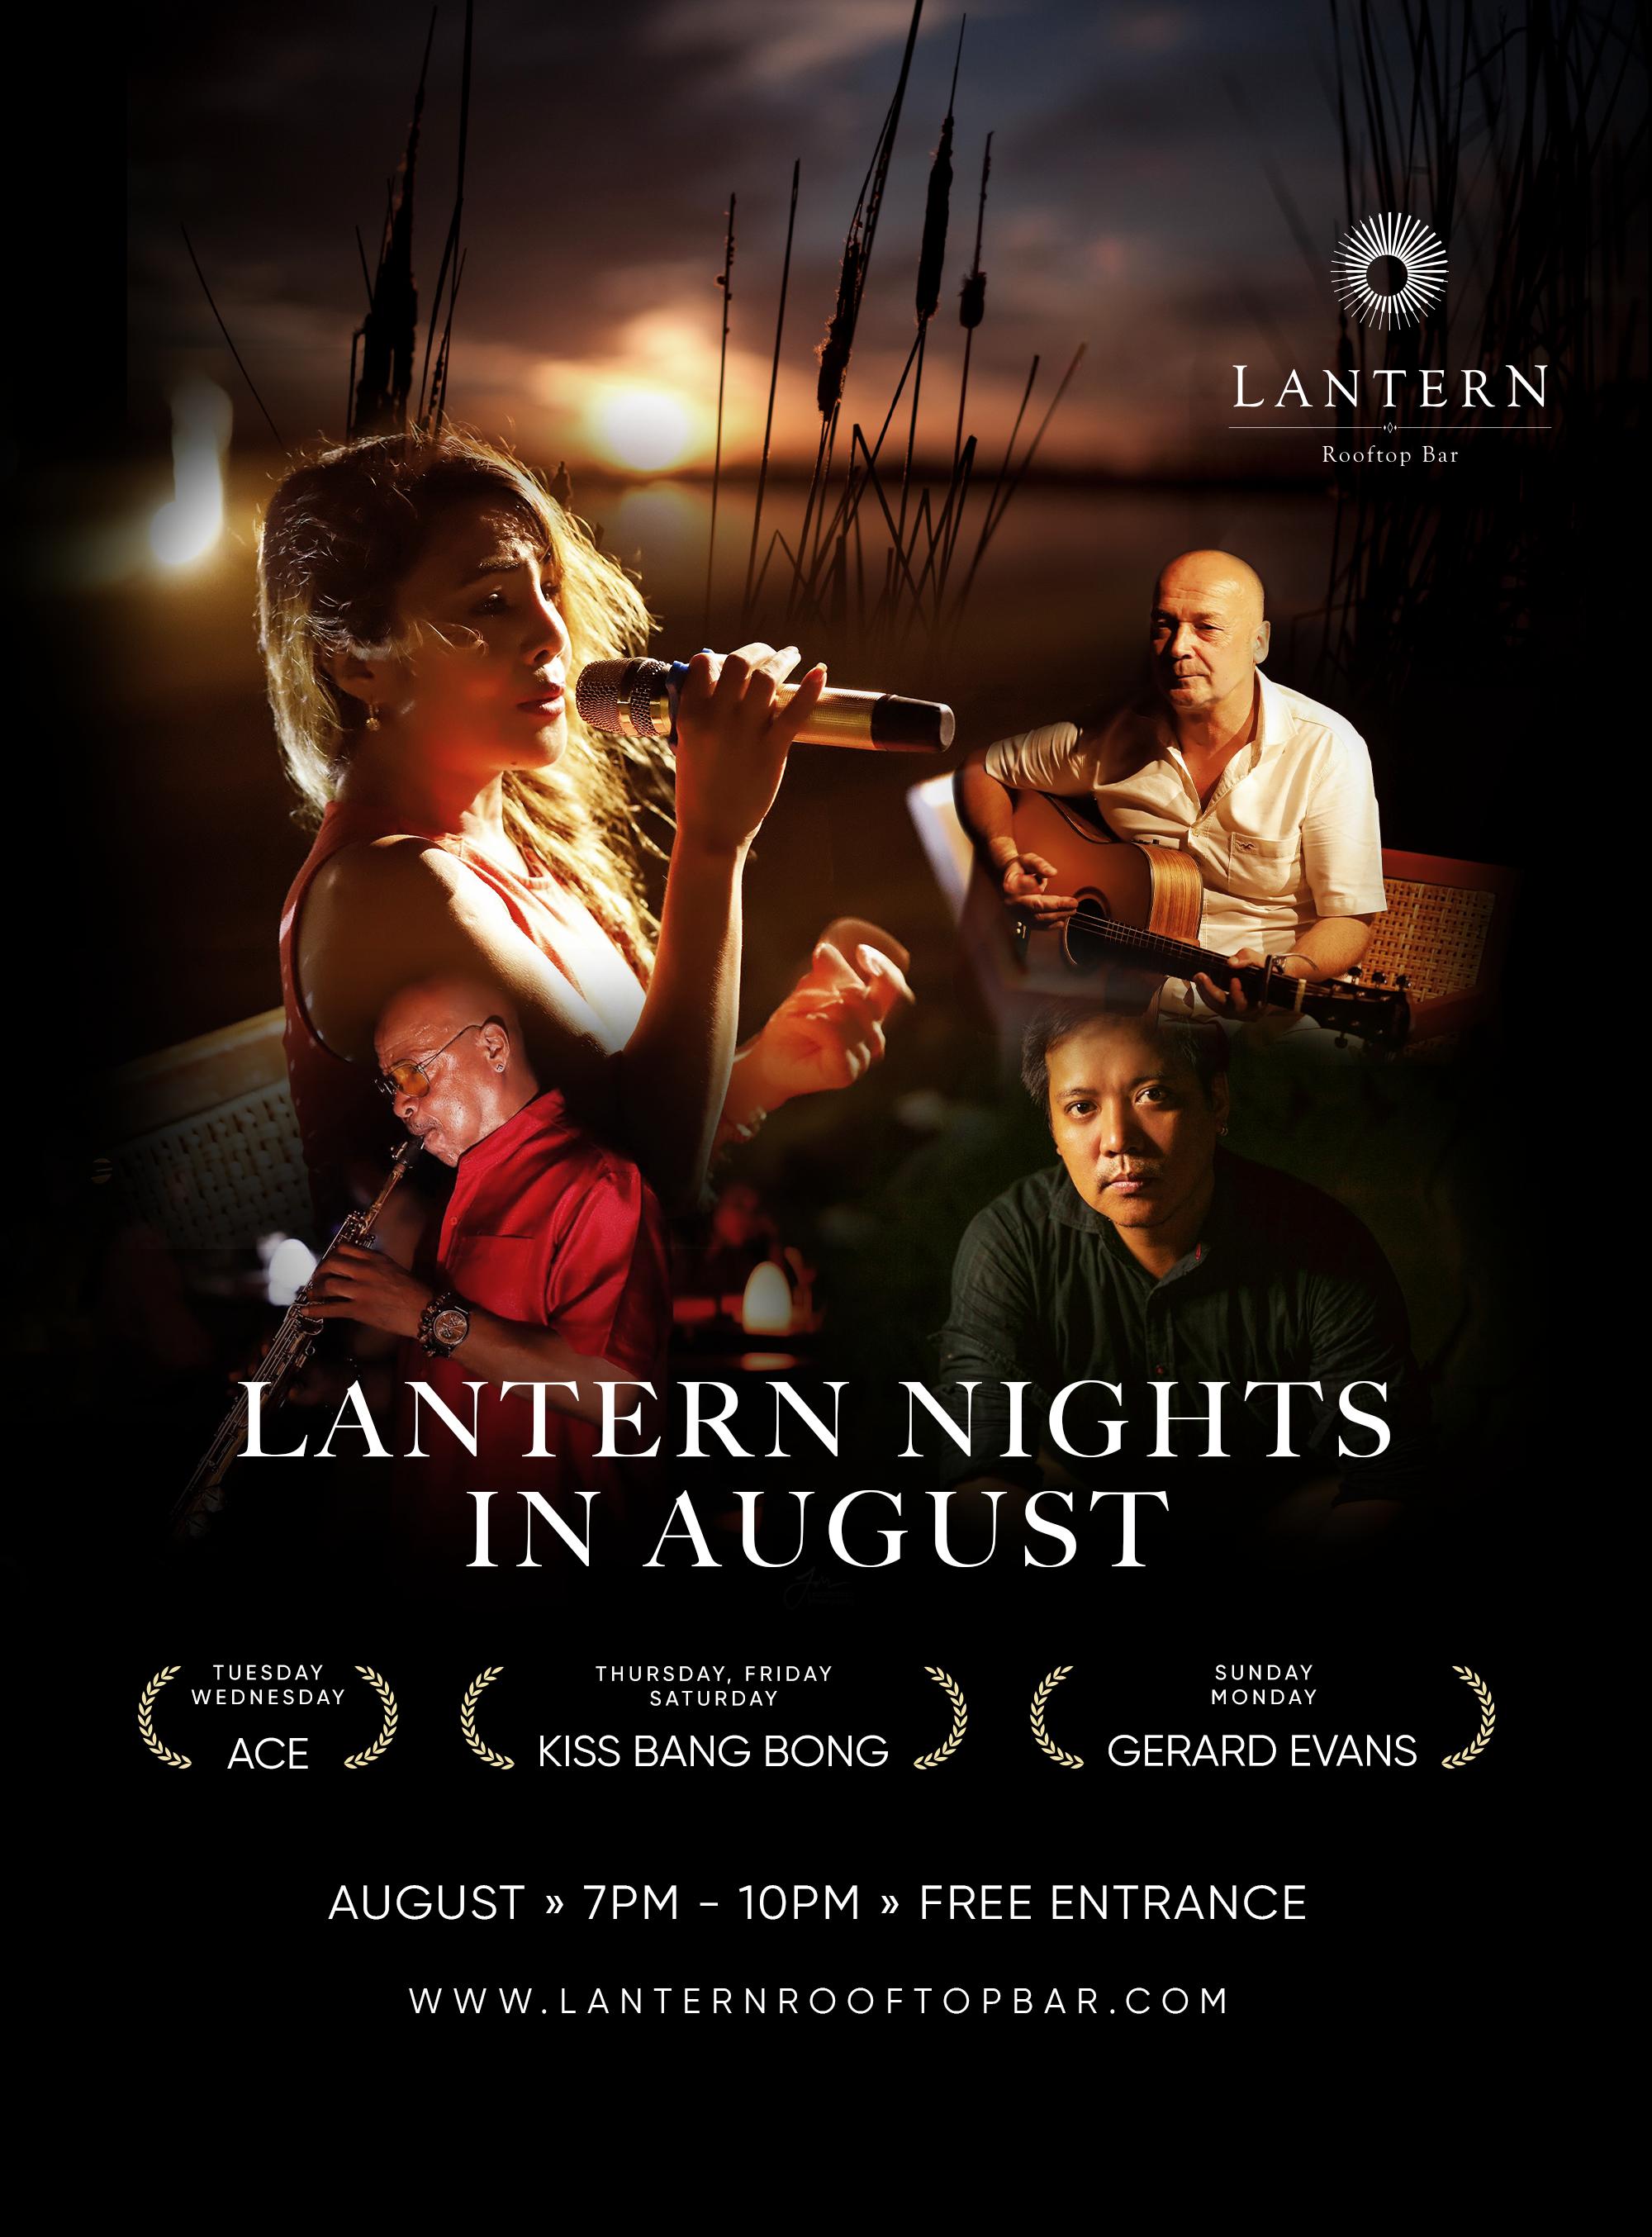 August Lantern Nights – Live music 7 days a week!